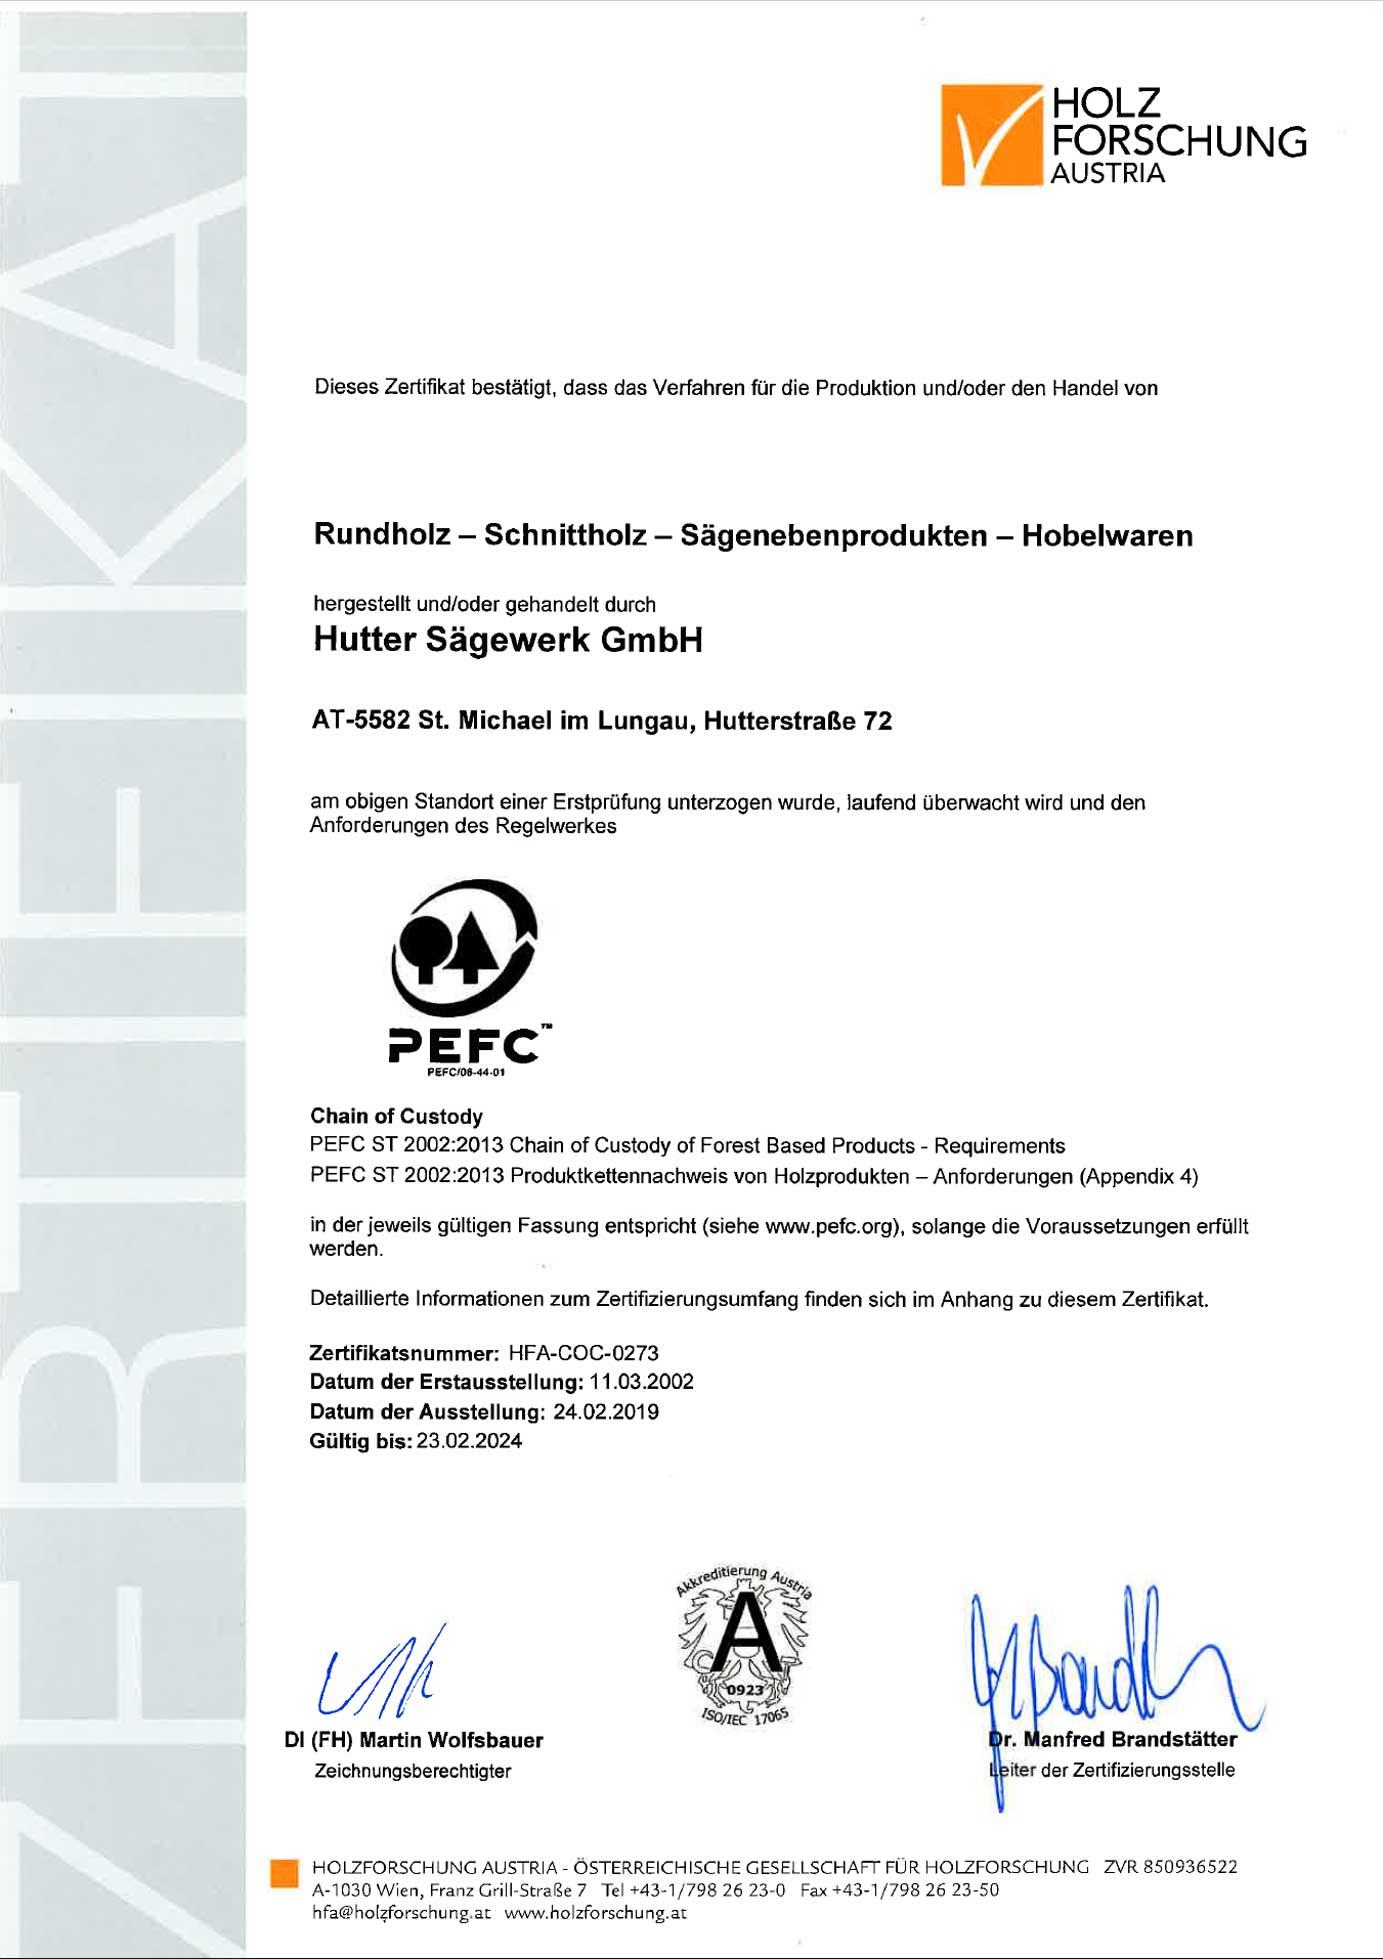 PEFC-Zertifikat_Saegewerk